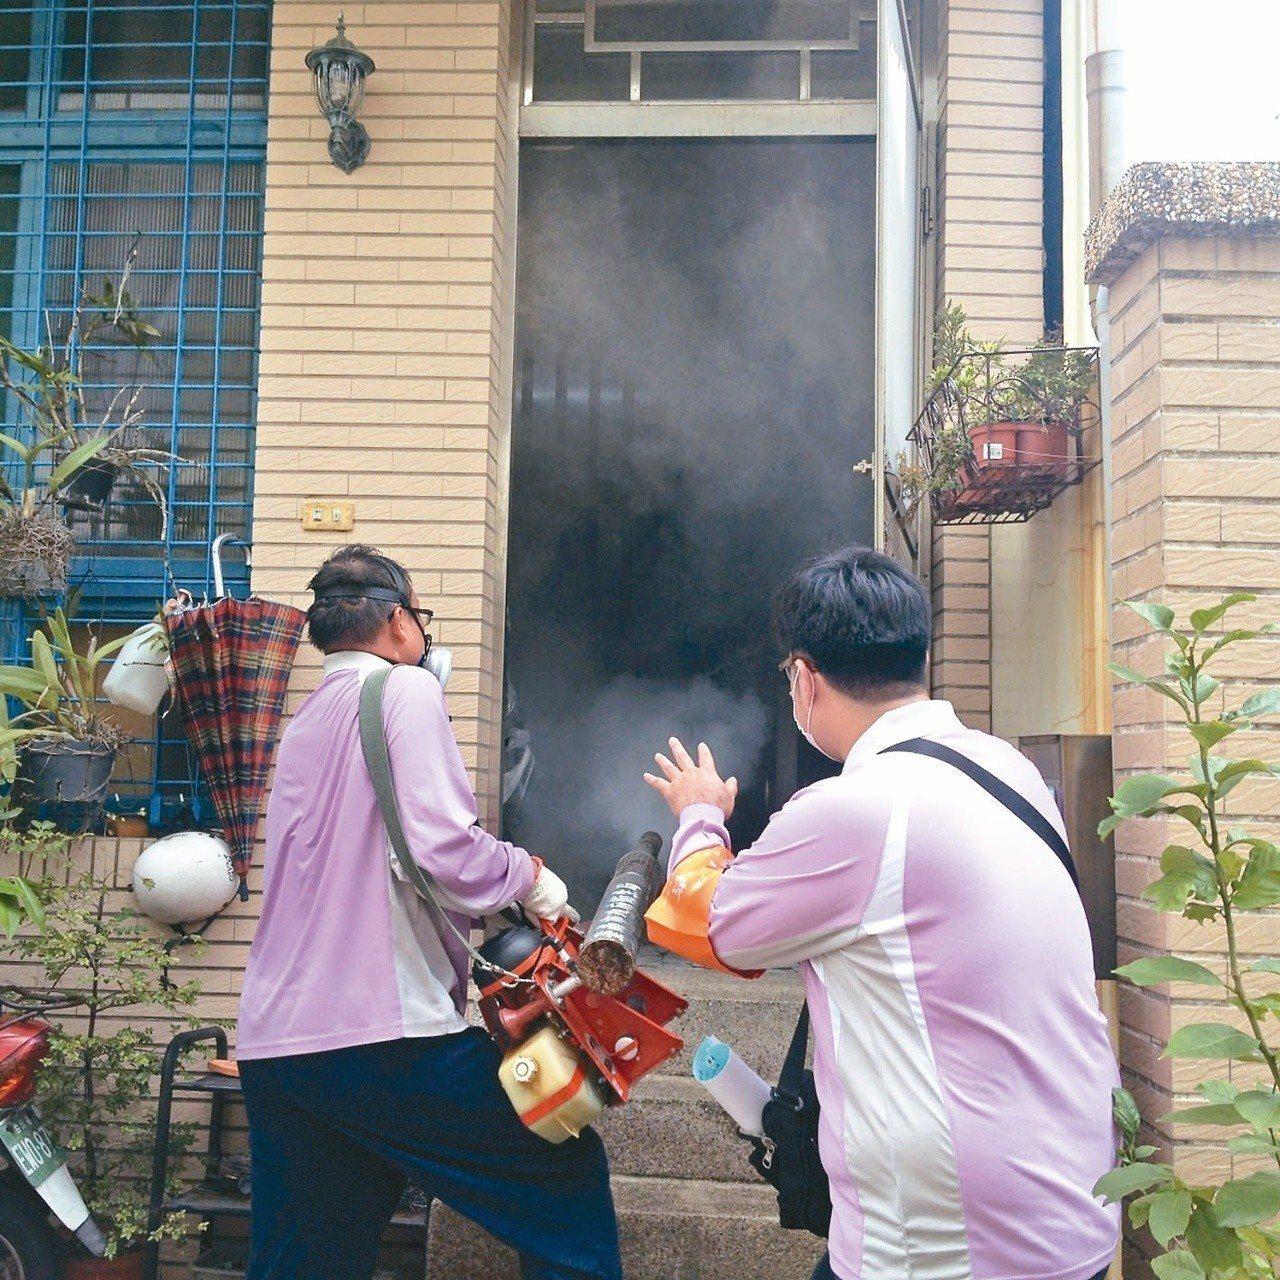 每到夏天,南台灣都要上演登革熱大戰,村里加強消毒。圖/台南市衛生局提供